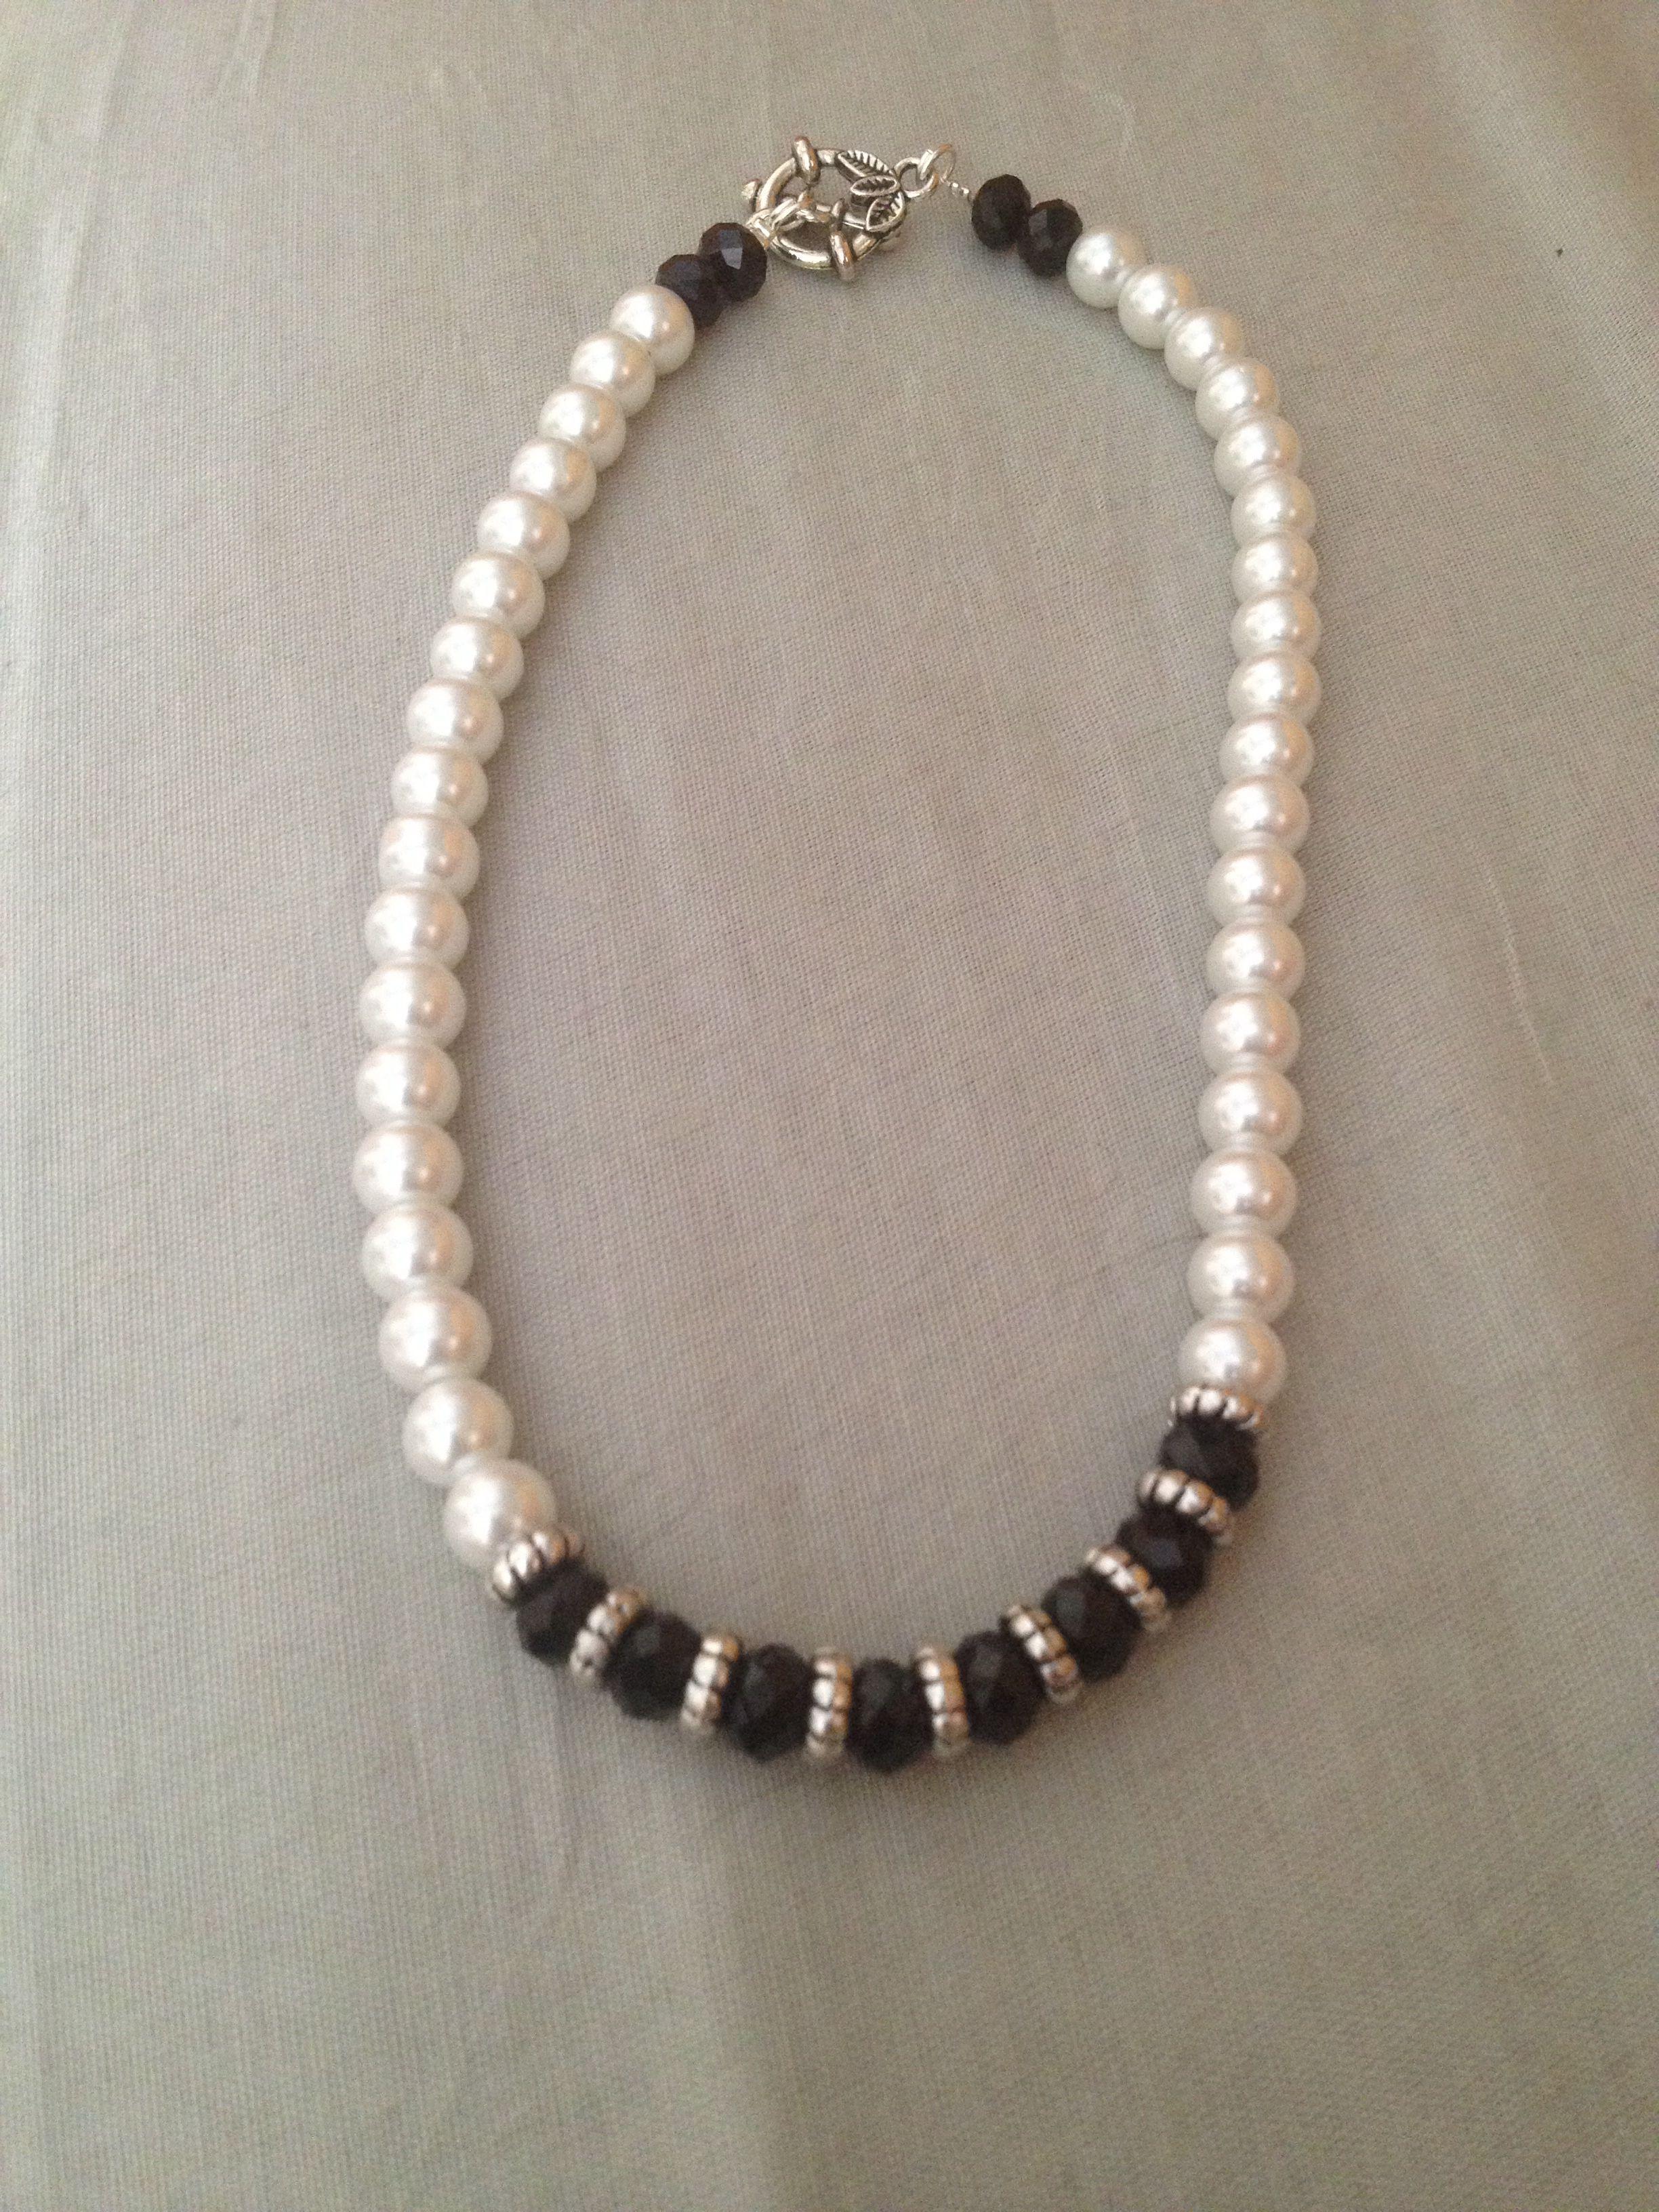 eb8a1d699366 Collar elaborado con perlas blancas Perlas Negras